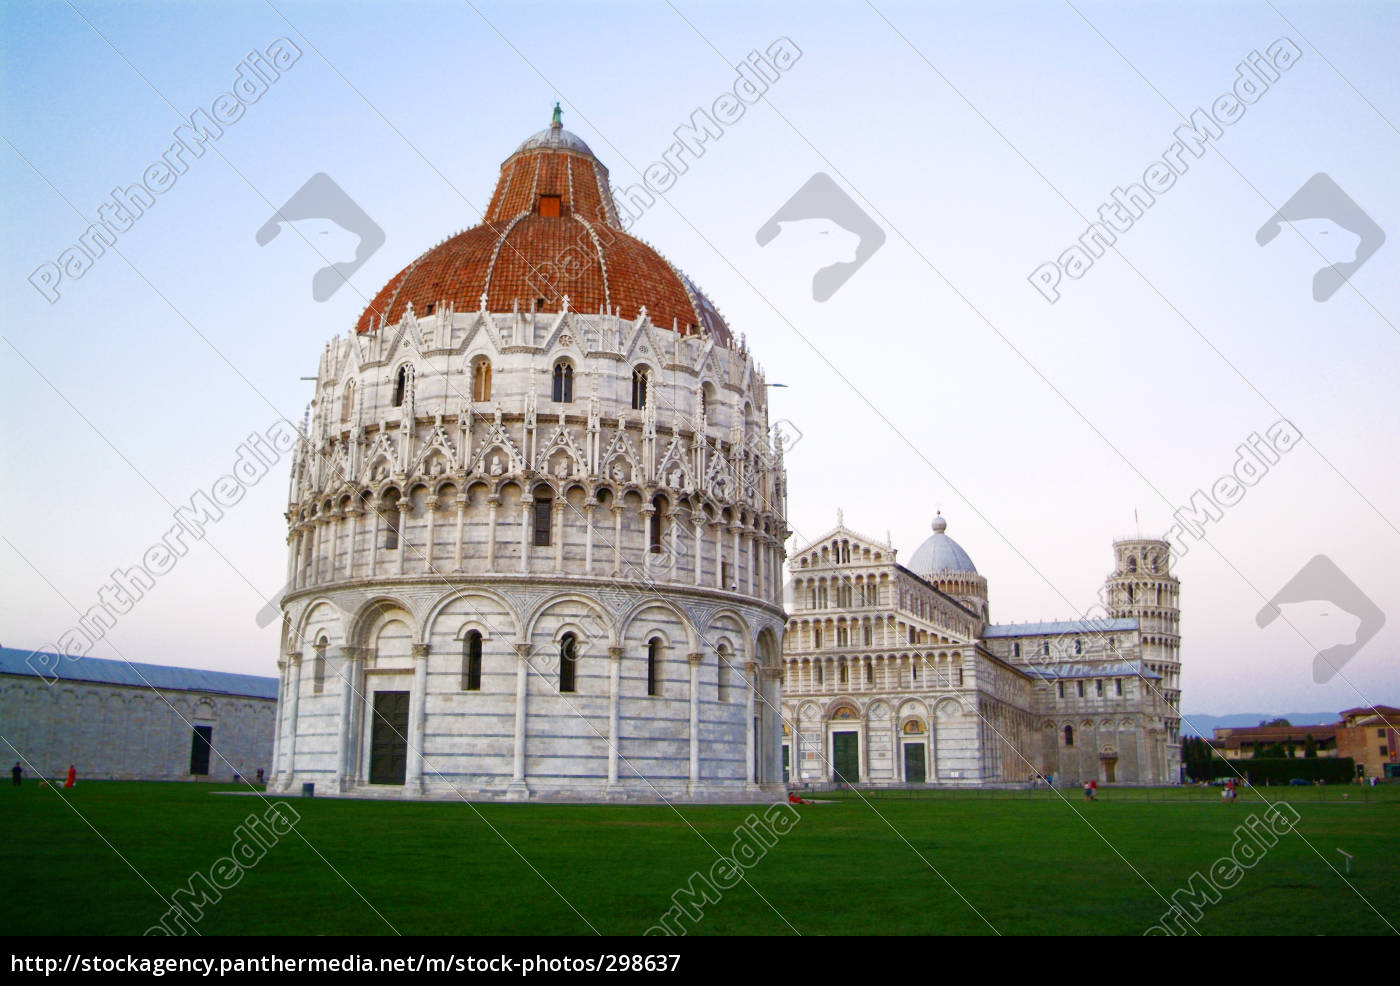 pisa, tower, church - 298637